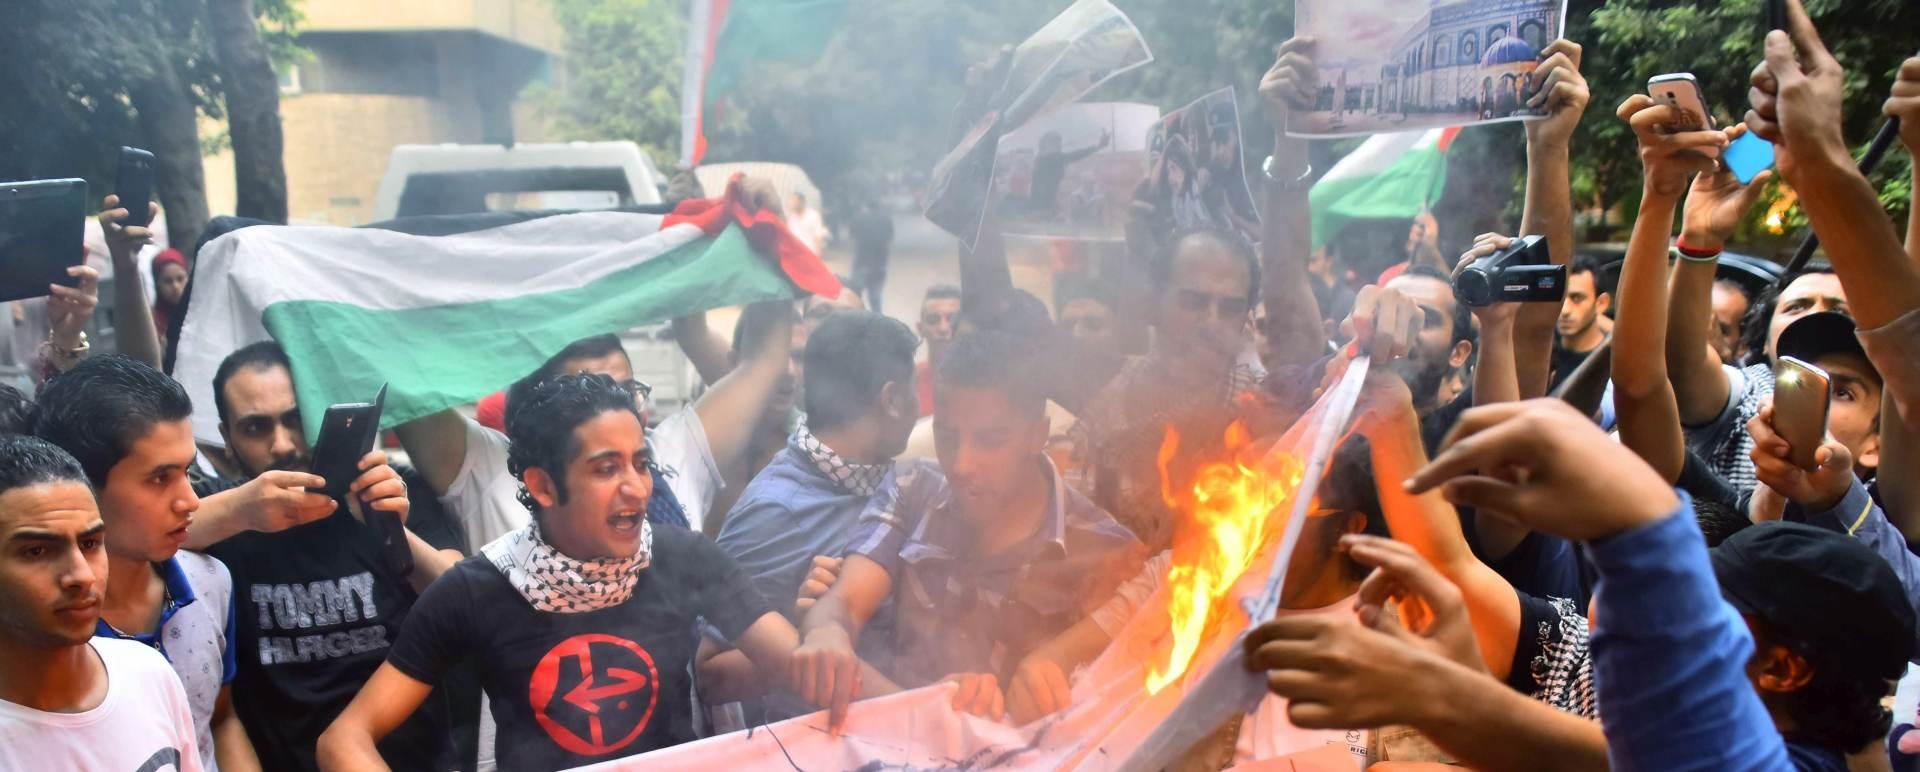 TREĆA INTIFADA: Nastavlja se val nasilja u Izraelu